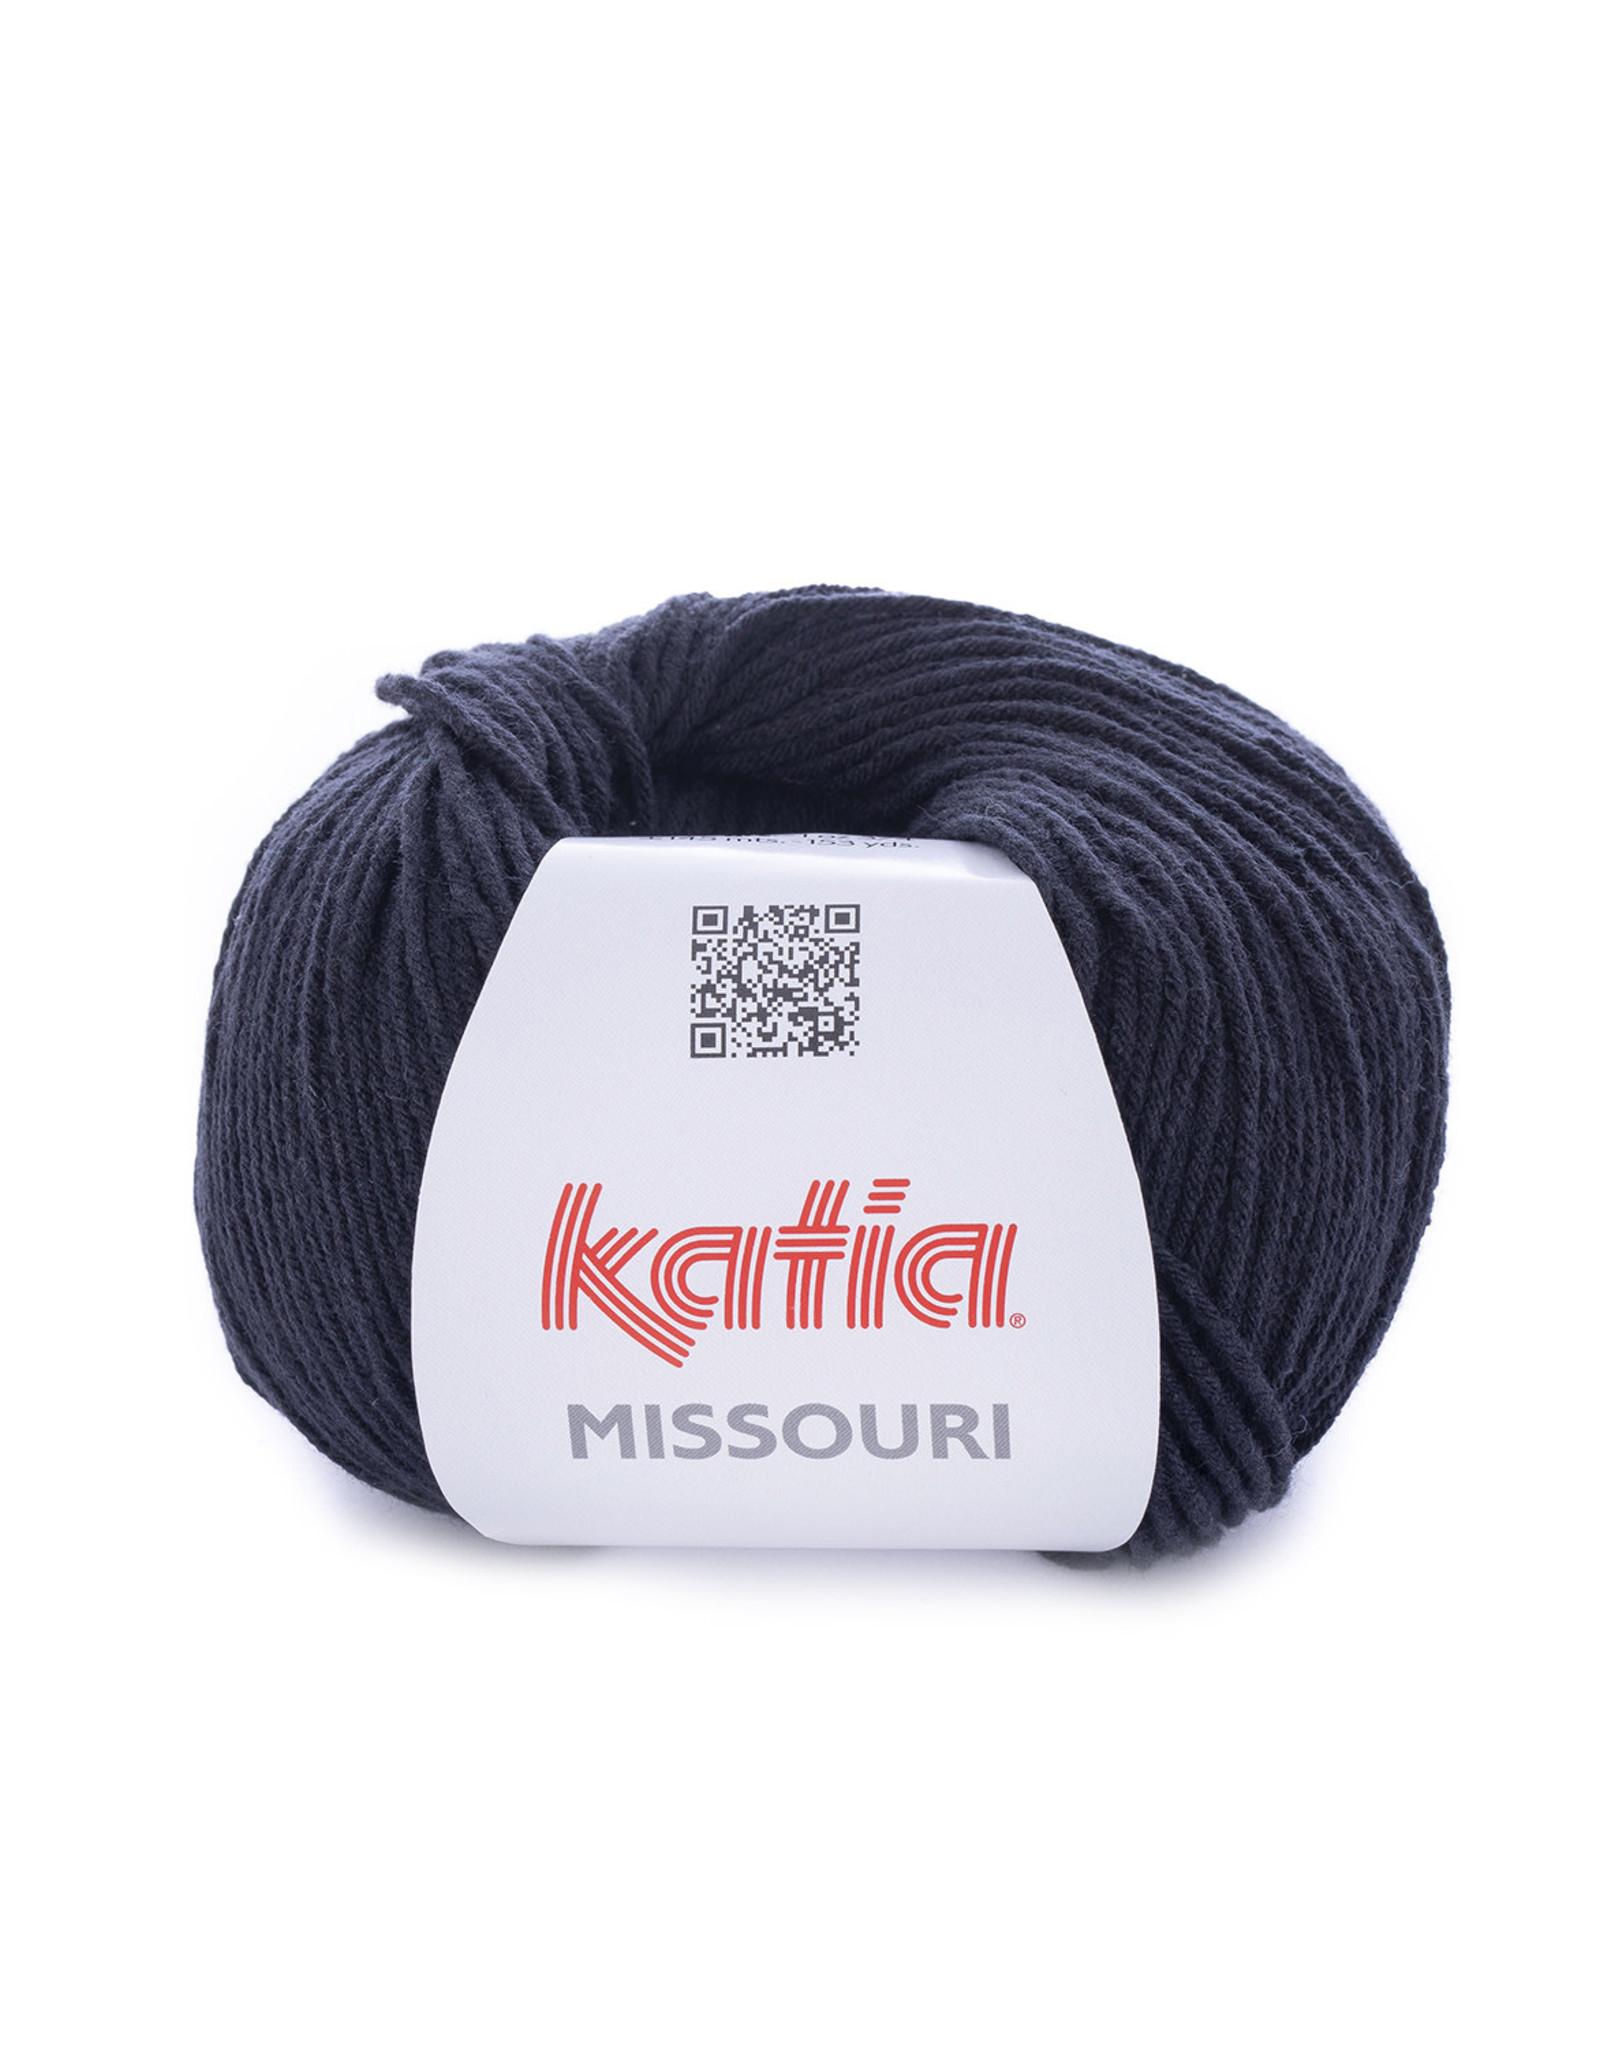 Katia Katia Missouri 2 zwart